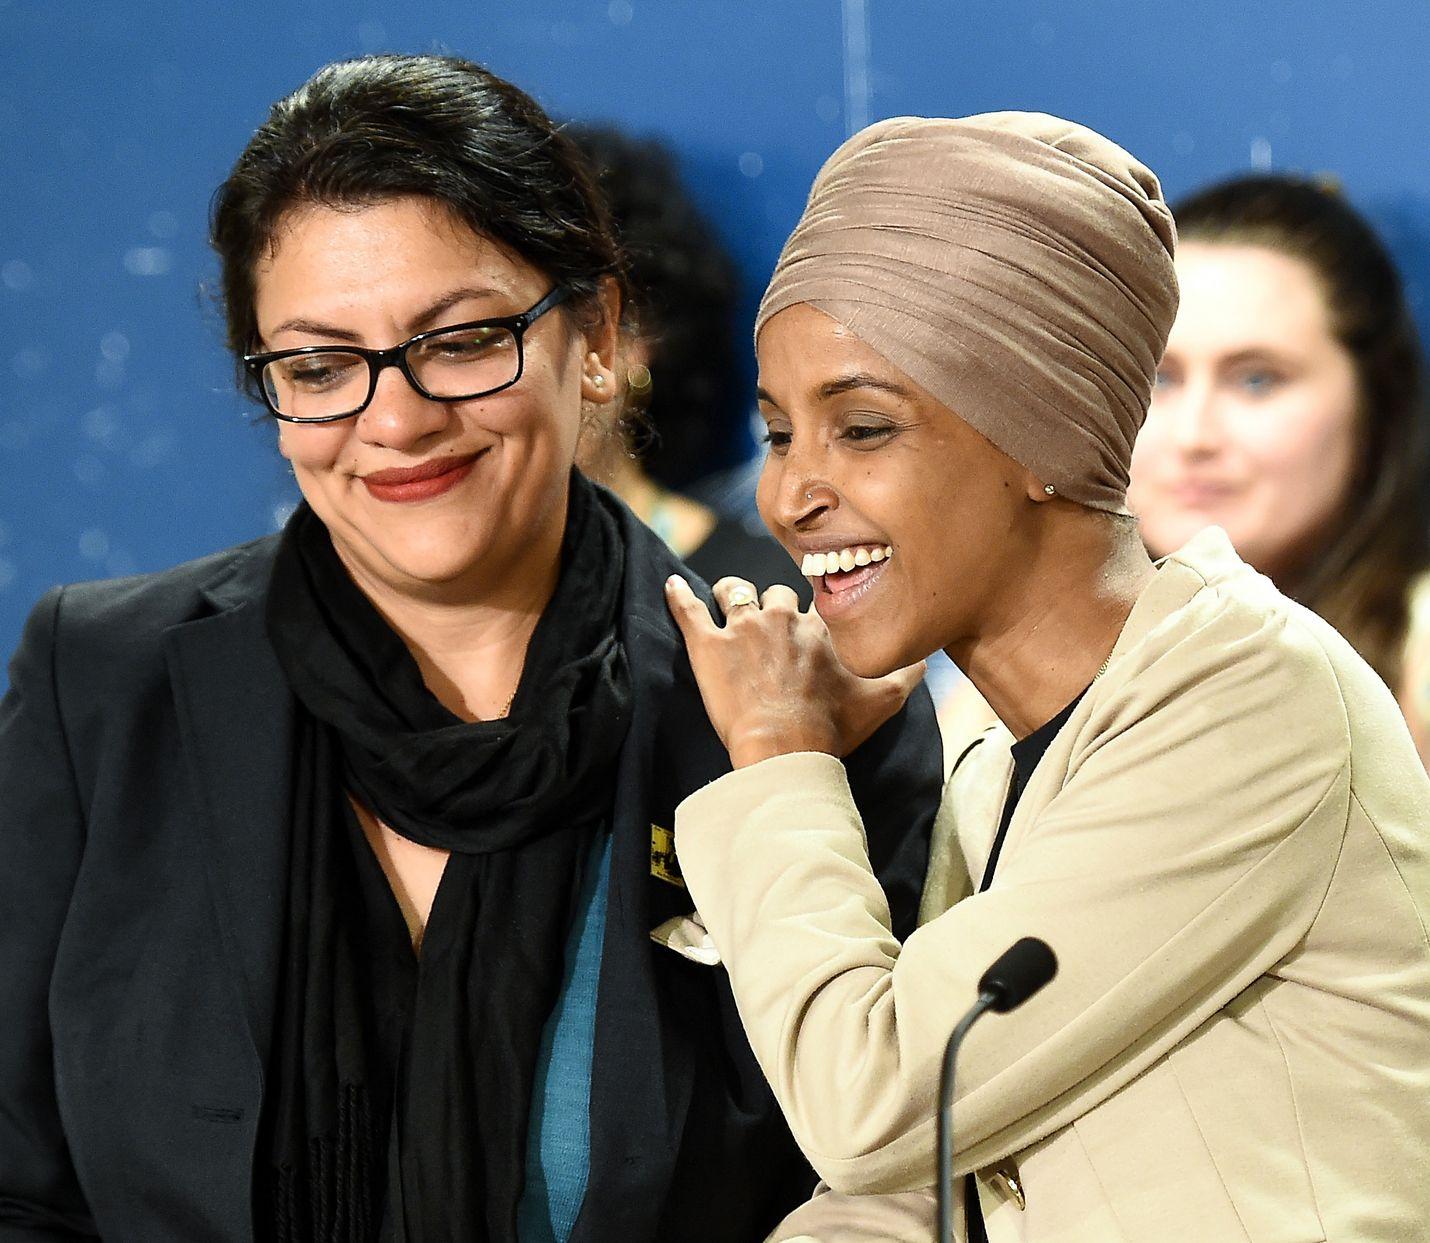 Edustajainhuoneen demokraattijäsenet Ilhan Omar (oik.) ja Rashida Tlaib pitivät tiedotustilaisuuden Minnesotan St. Paulissa maanantaina.